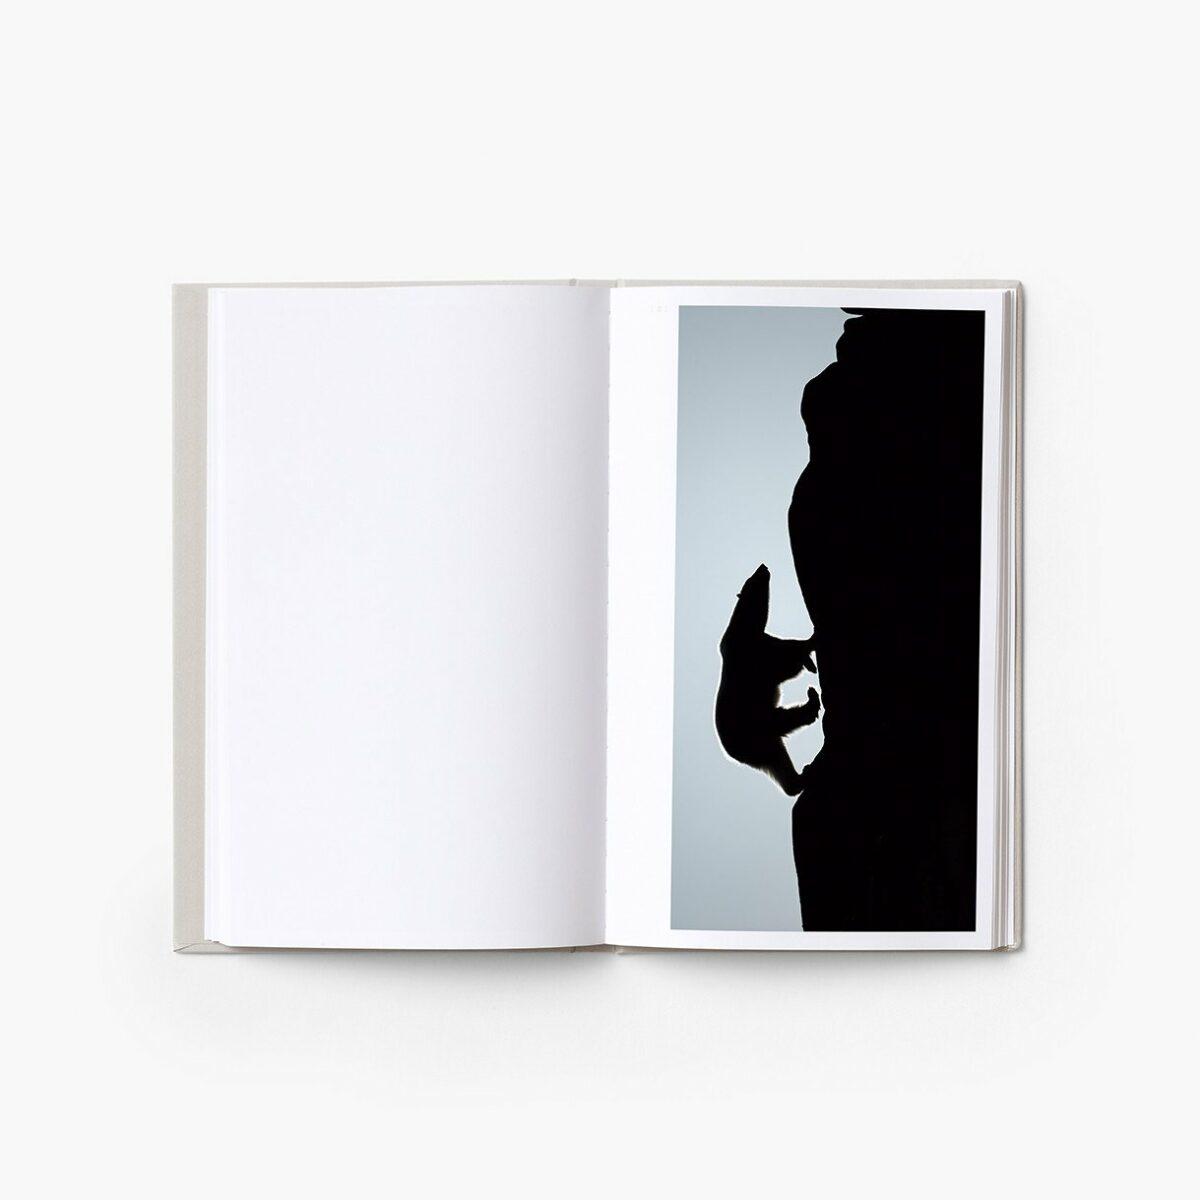 Livre_Solitudes_Vincent_Munier_7